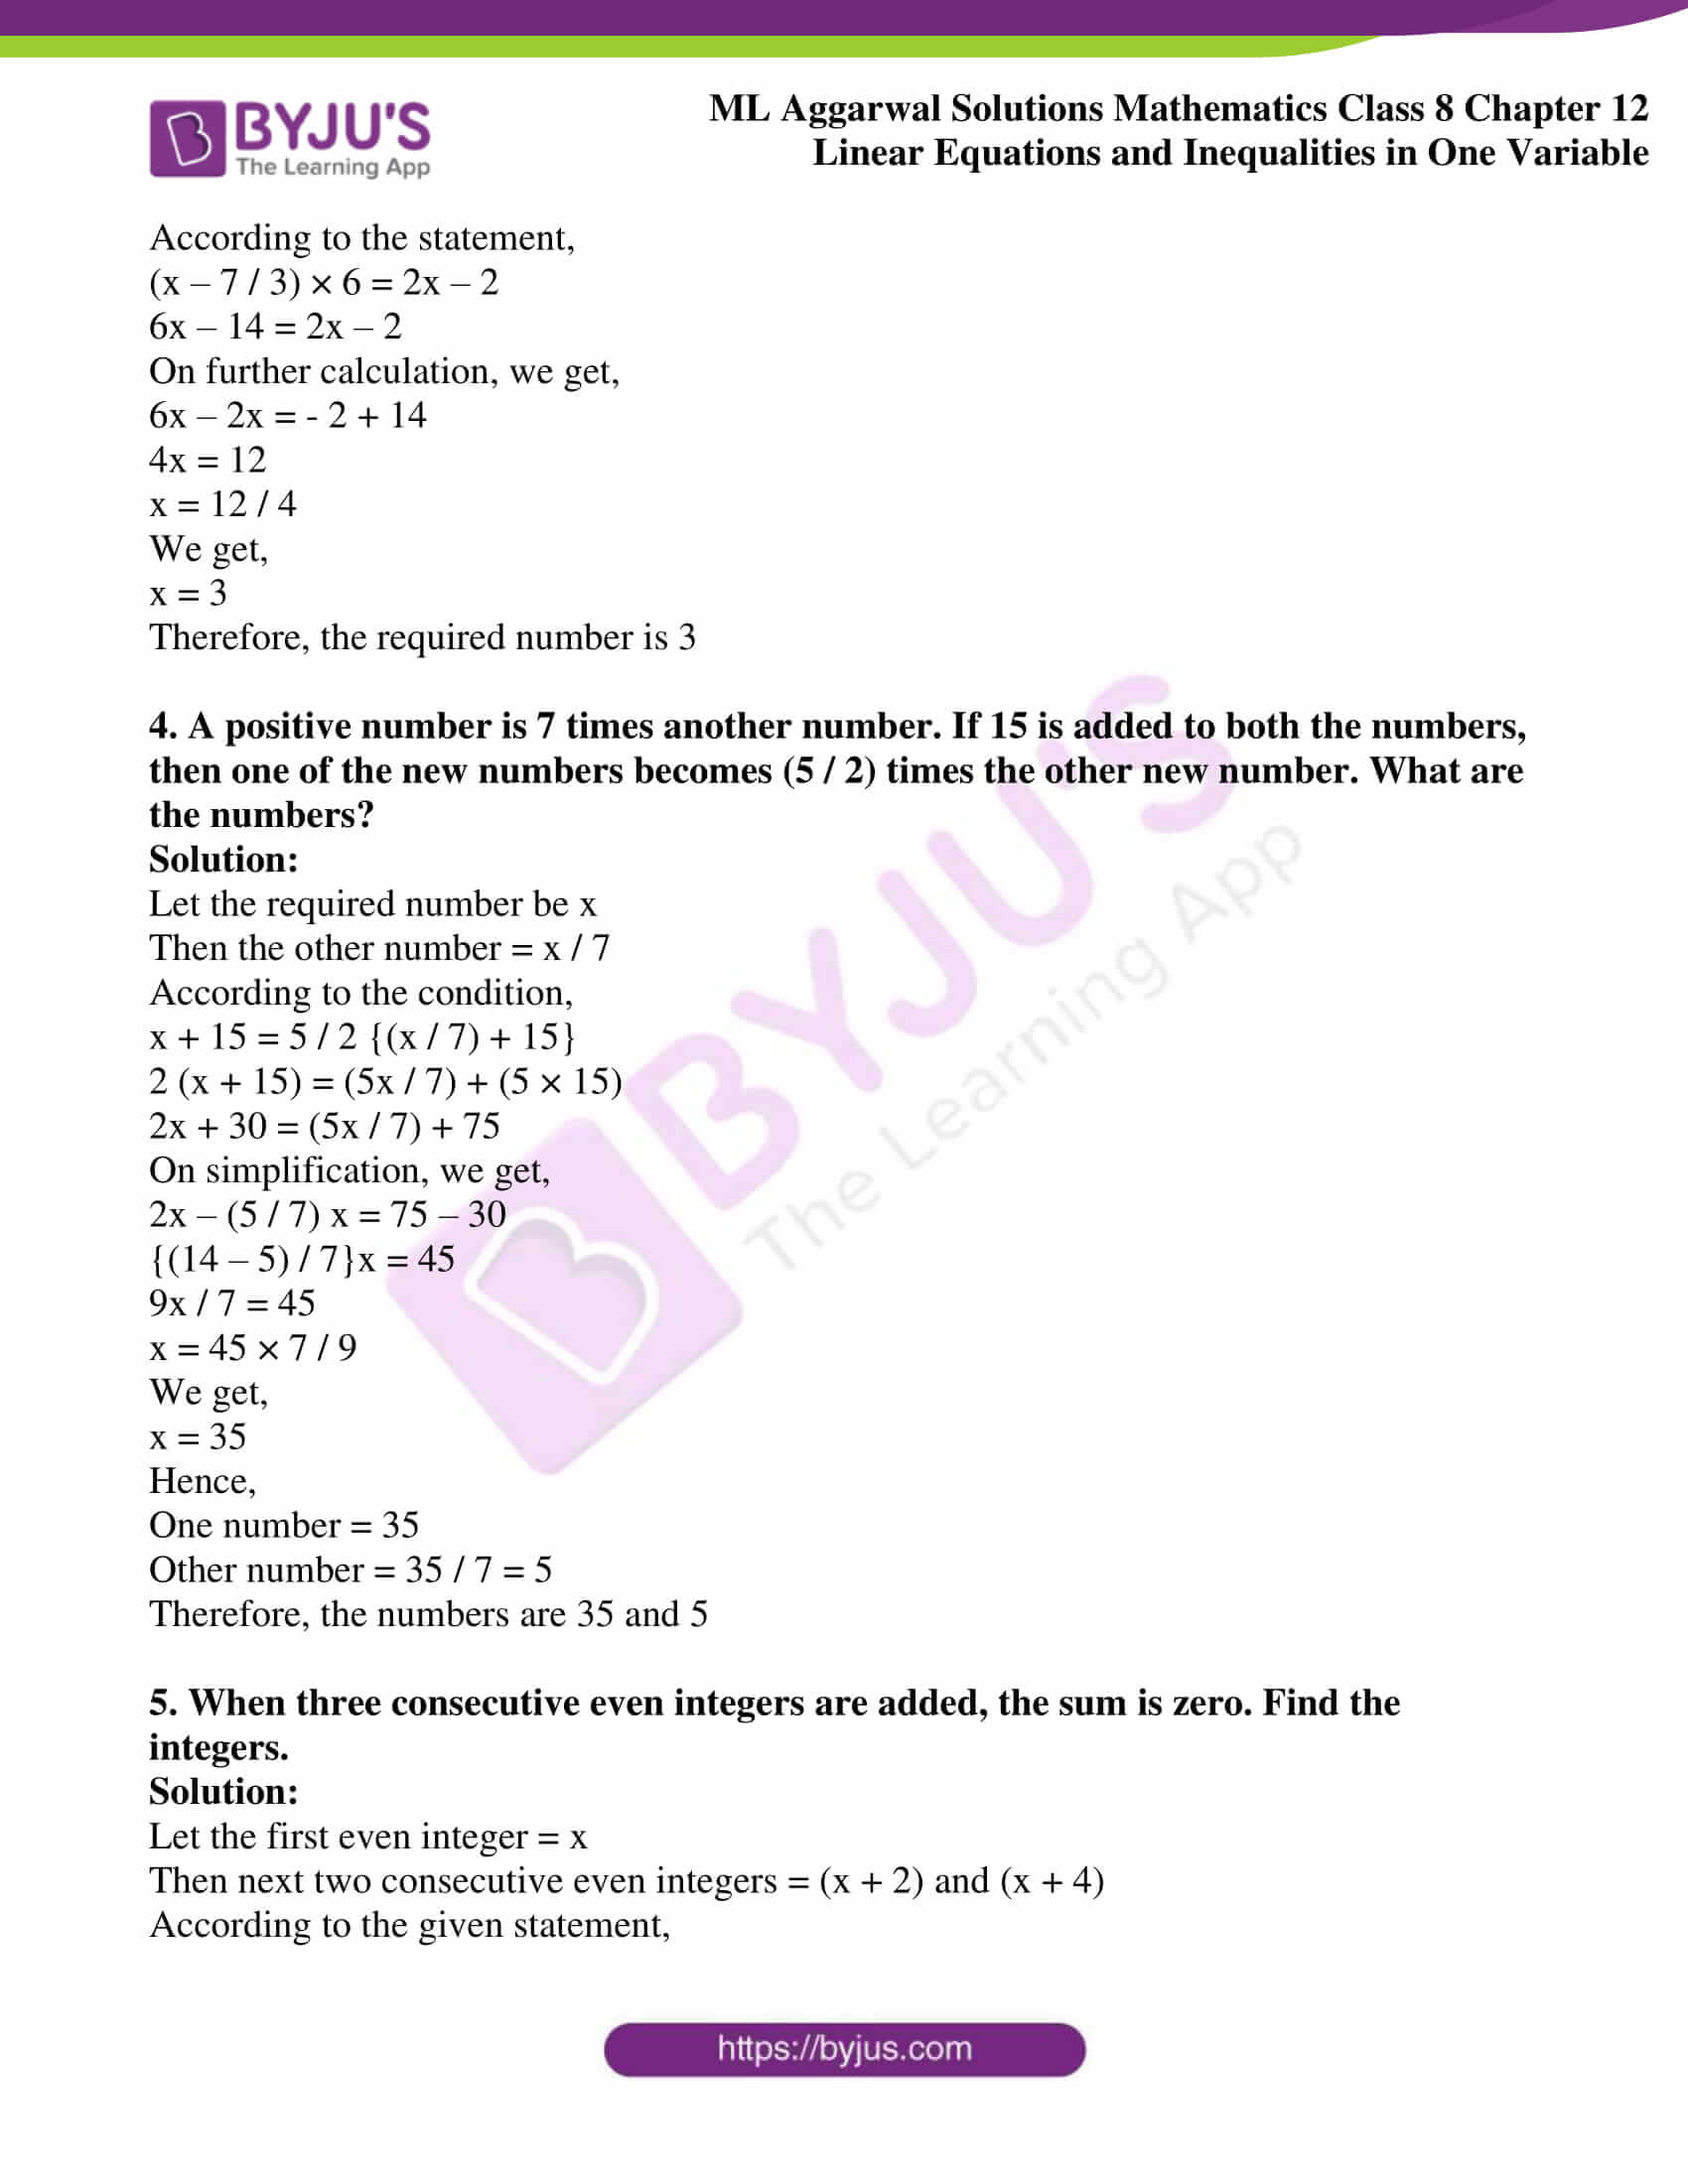 ml aggarwal sol mathematics class 8 ch 12 11